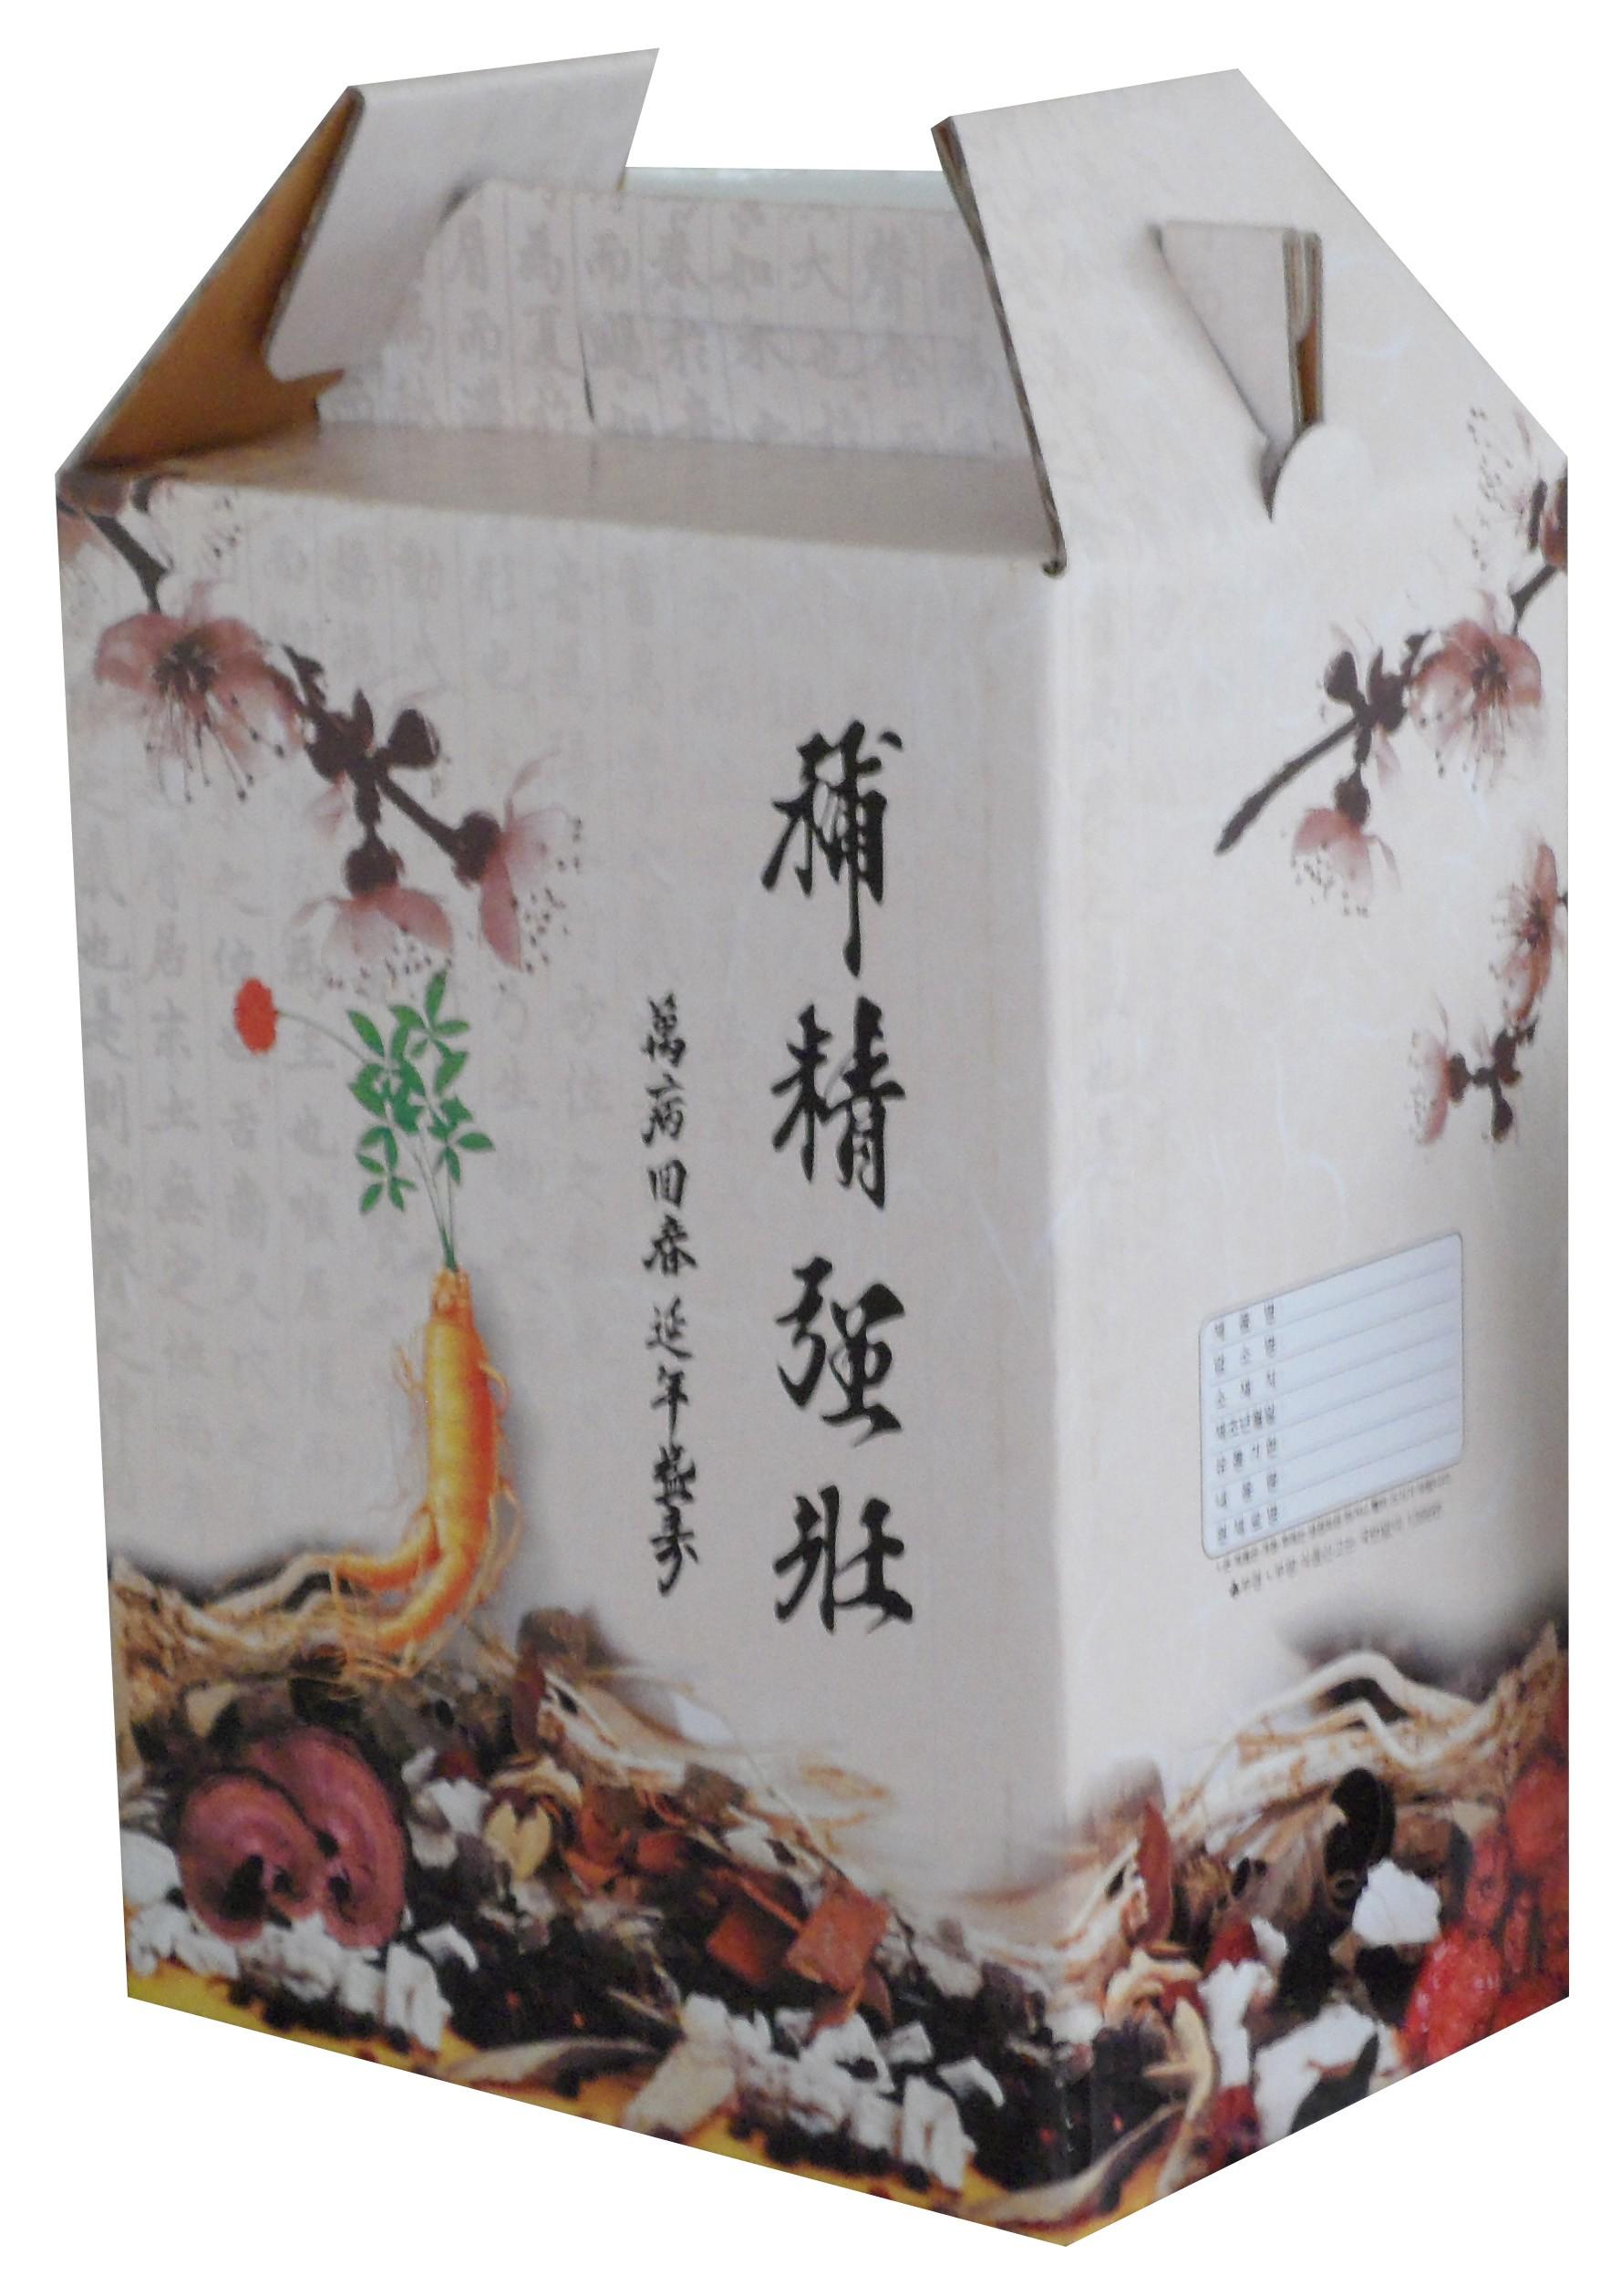 Herb Carrying Box Ginseng 한약매화 1 00 Each